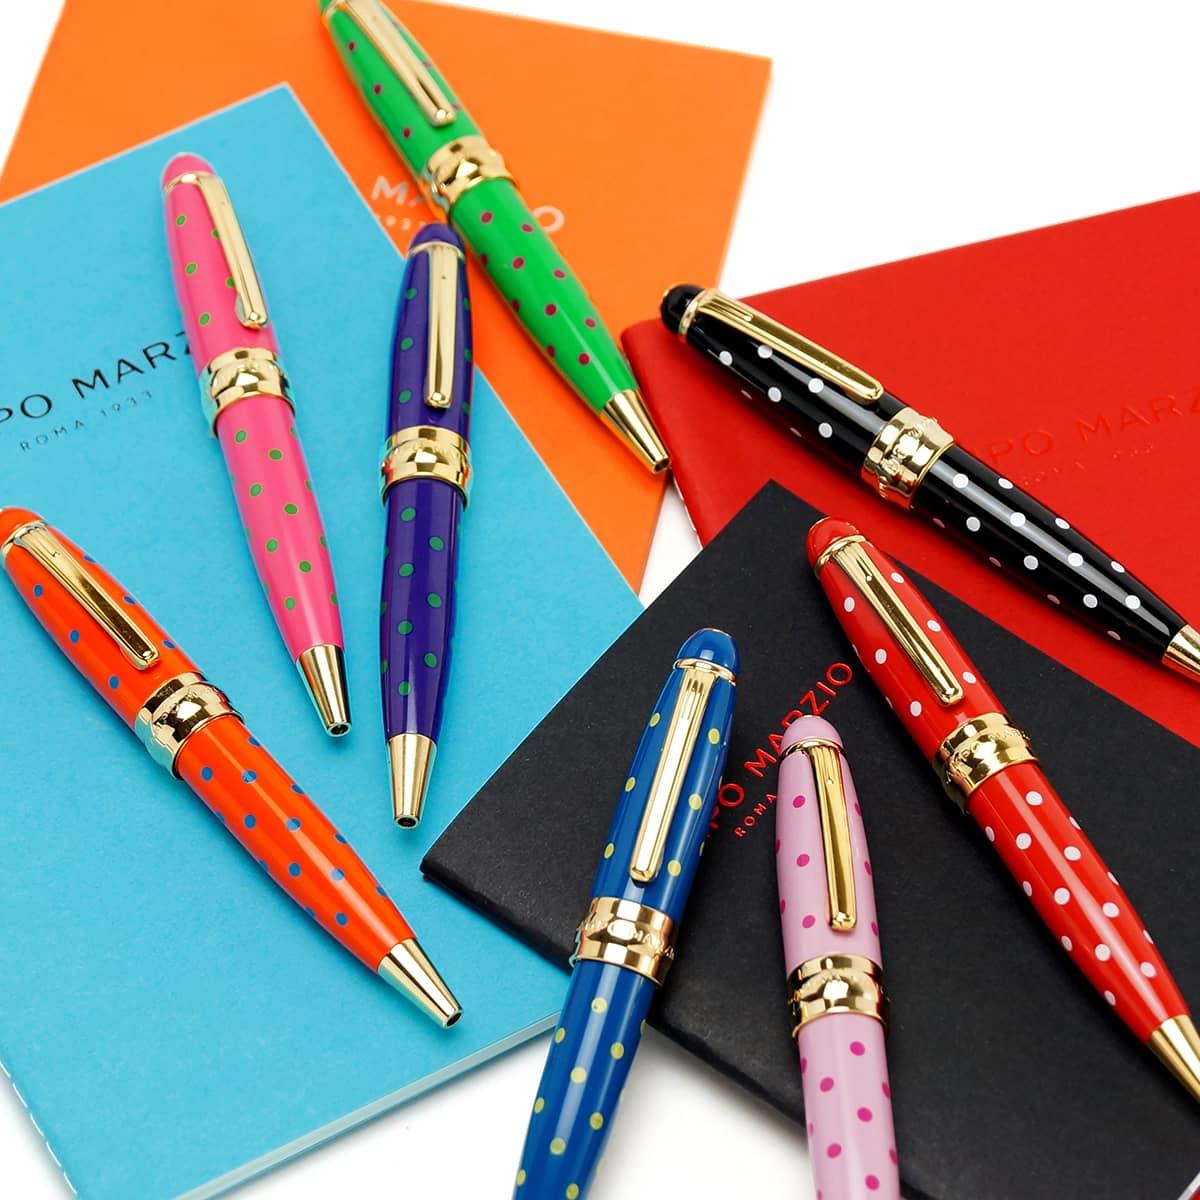 ローマ法王も愛すペンを 老舗文房具メーカー カンポ・マルツィオの魅力を徹底解剖